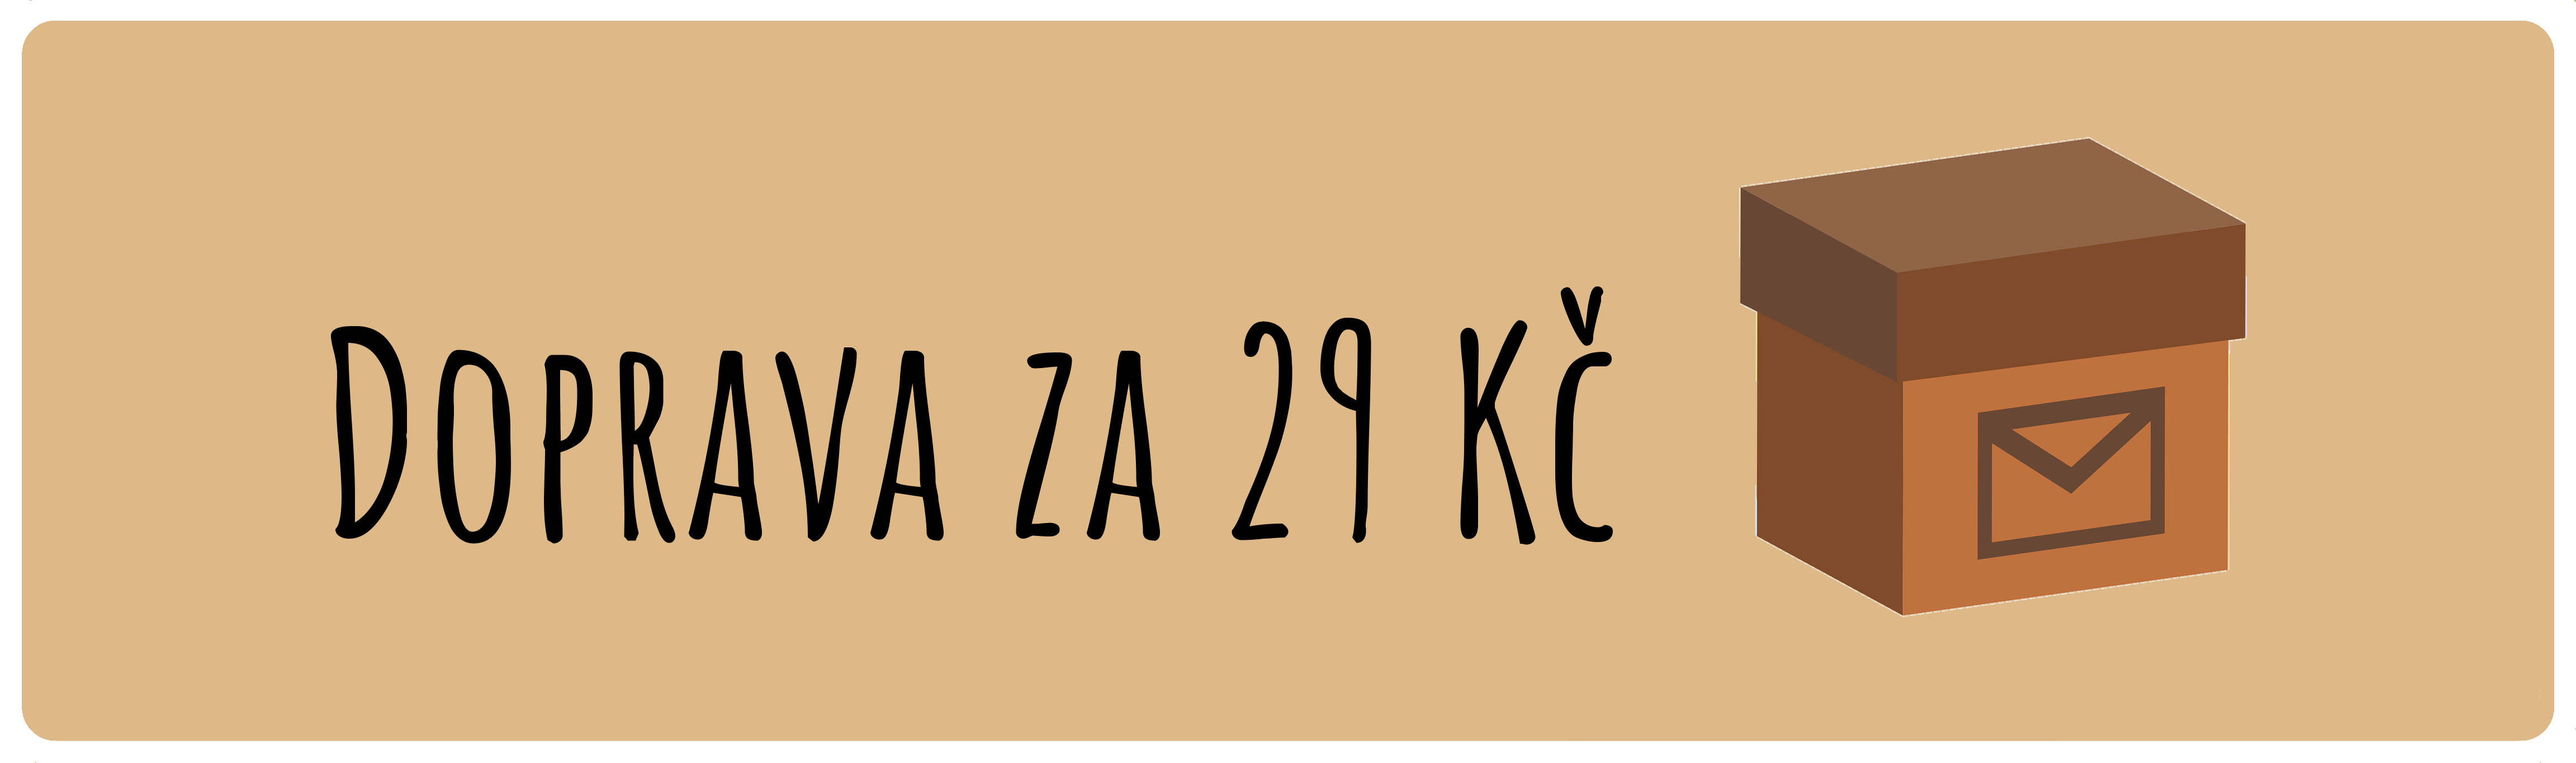 Doprava_za_29_K%C4%8D_MADE_BY_DOMARA